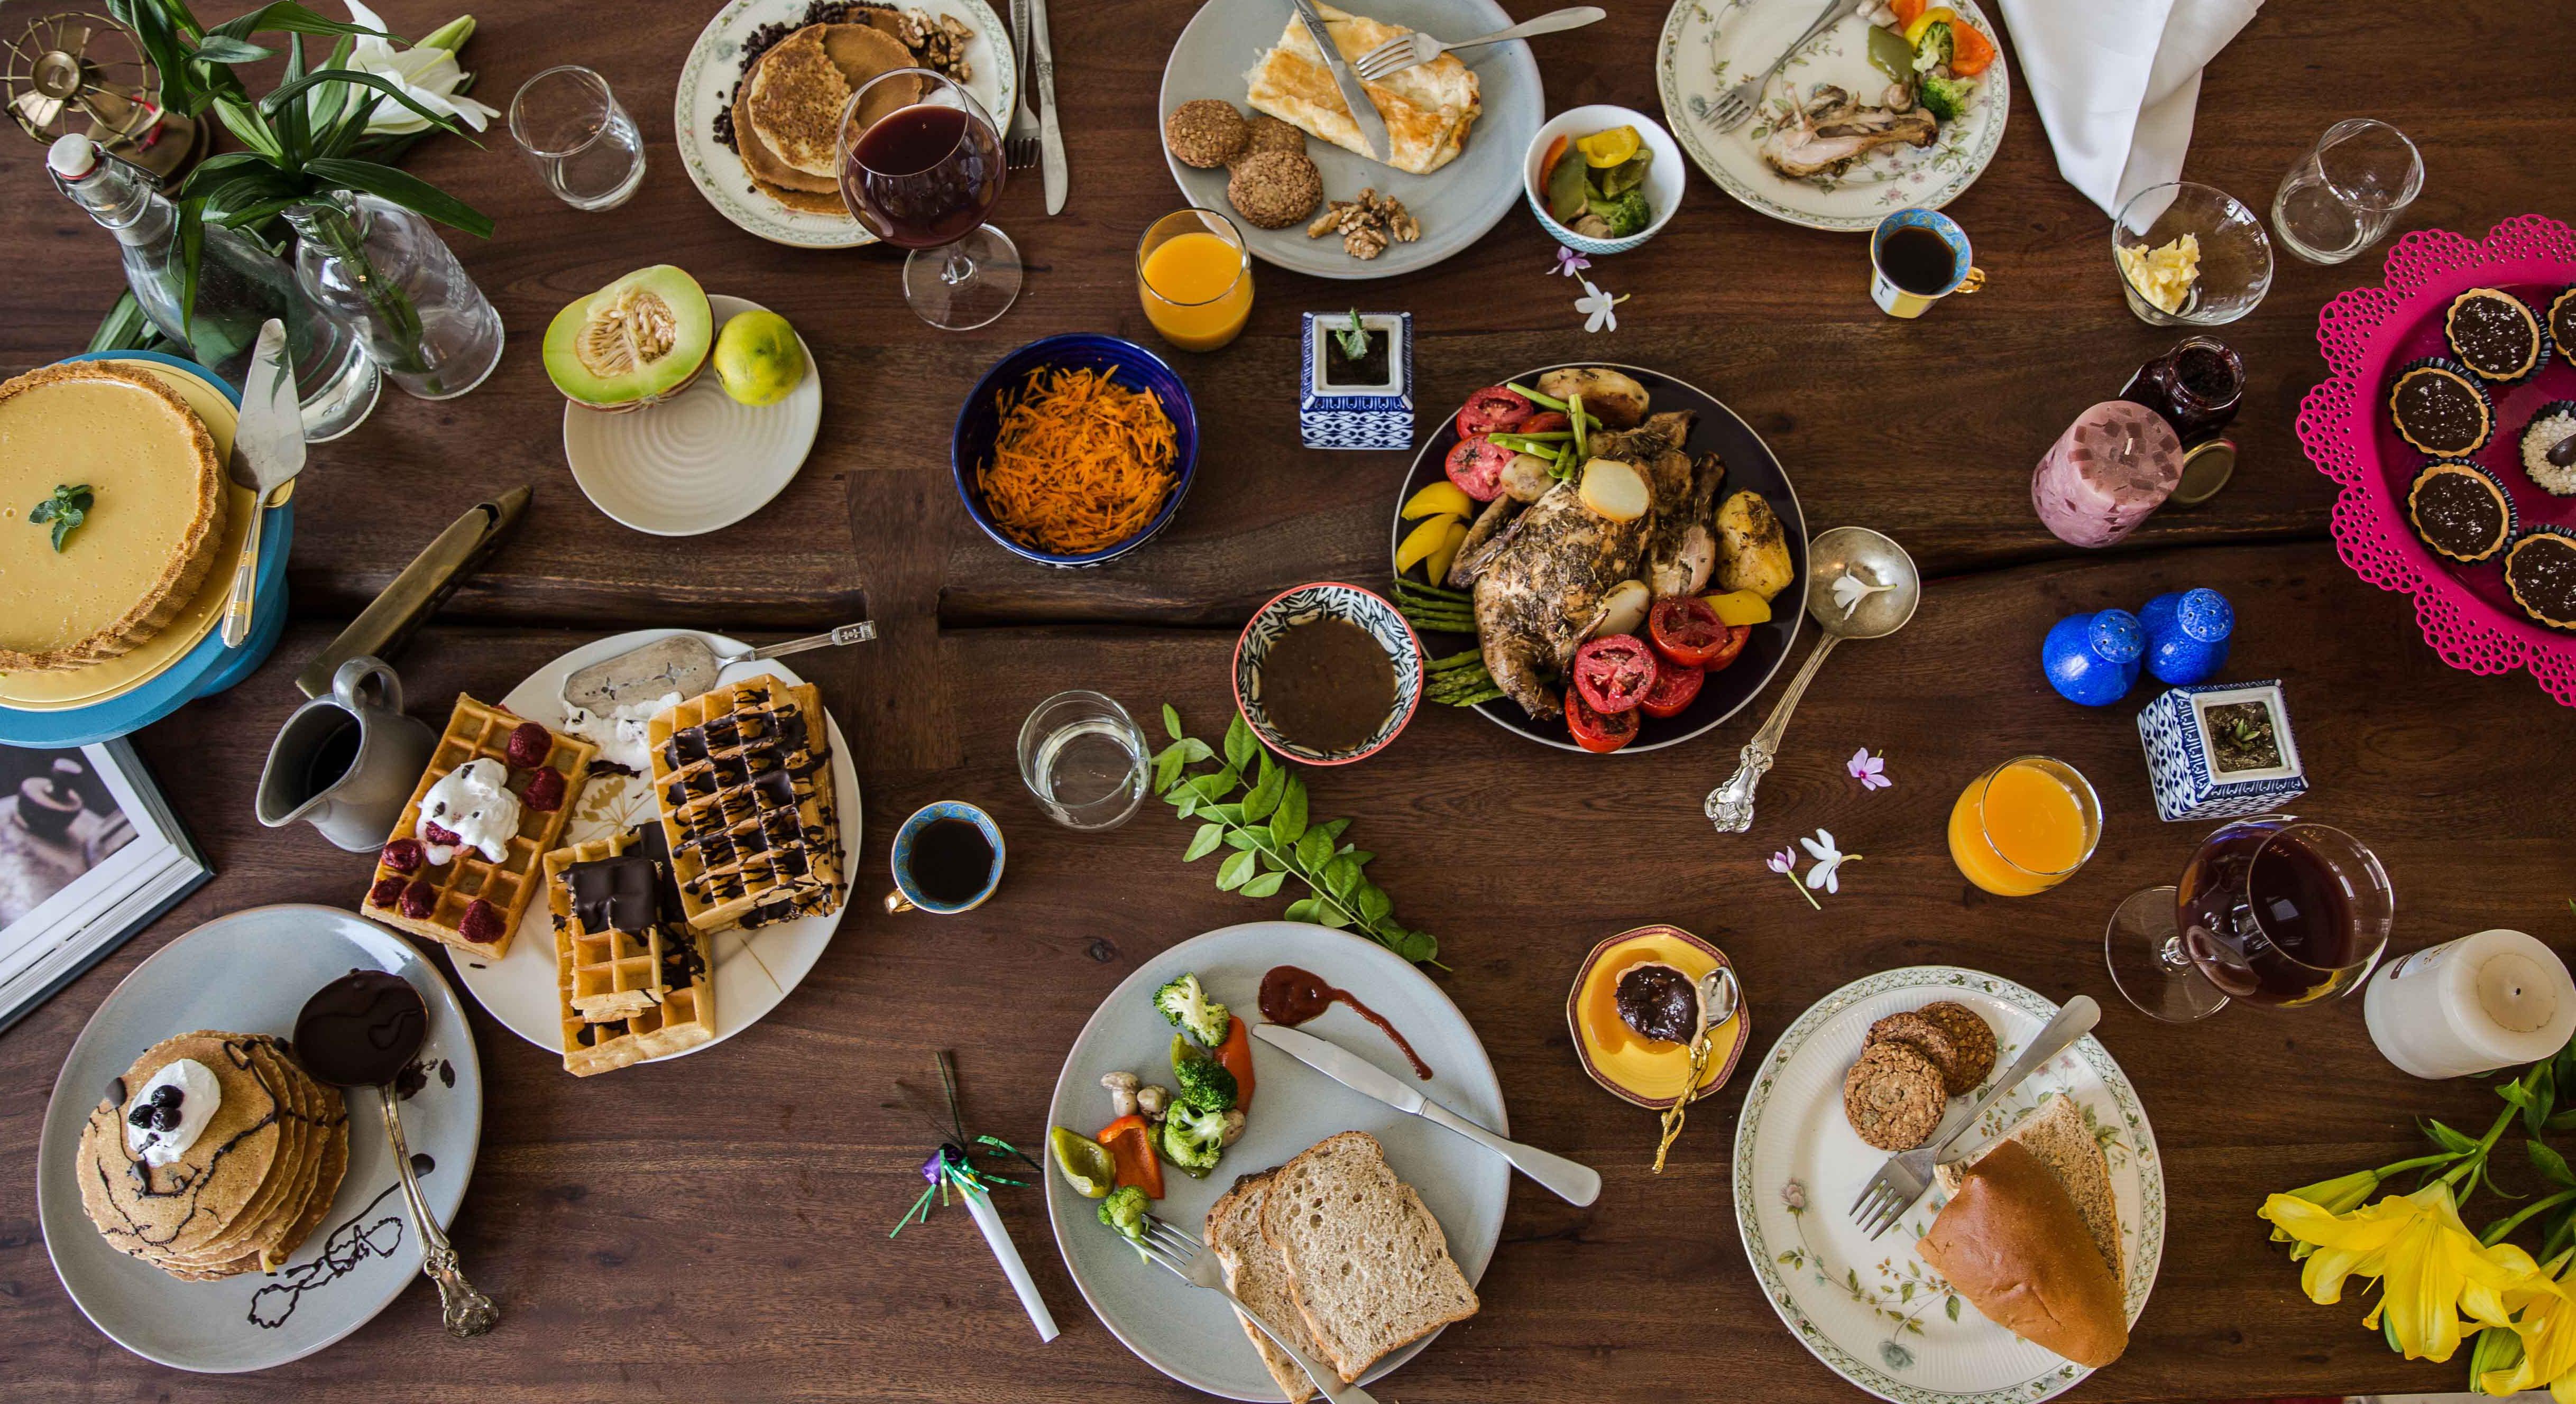 voici les 8 plus gros mensonges officiels sur l alimentation. Black Bedroom Furniture Sets. Home Design Ideas